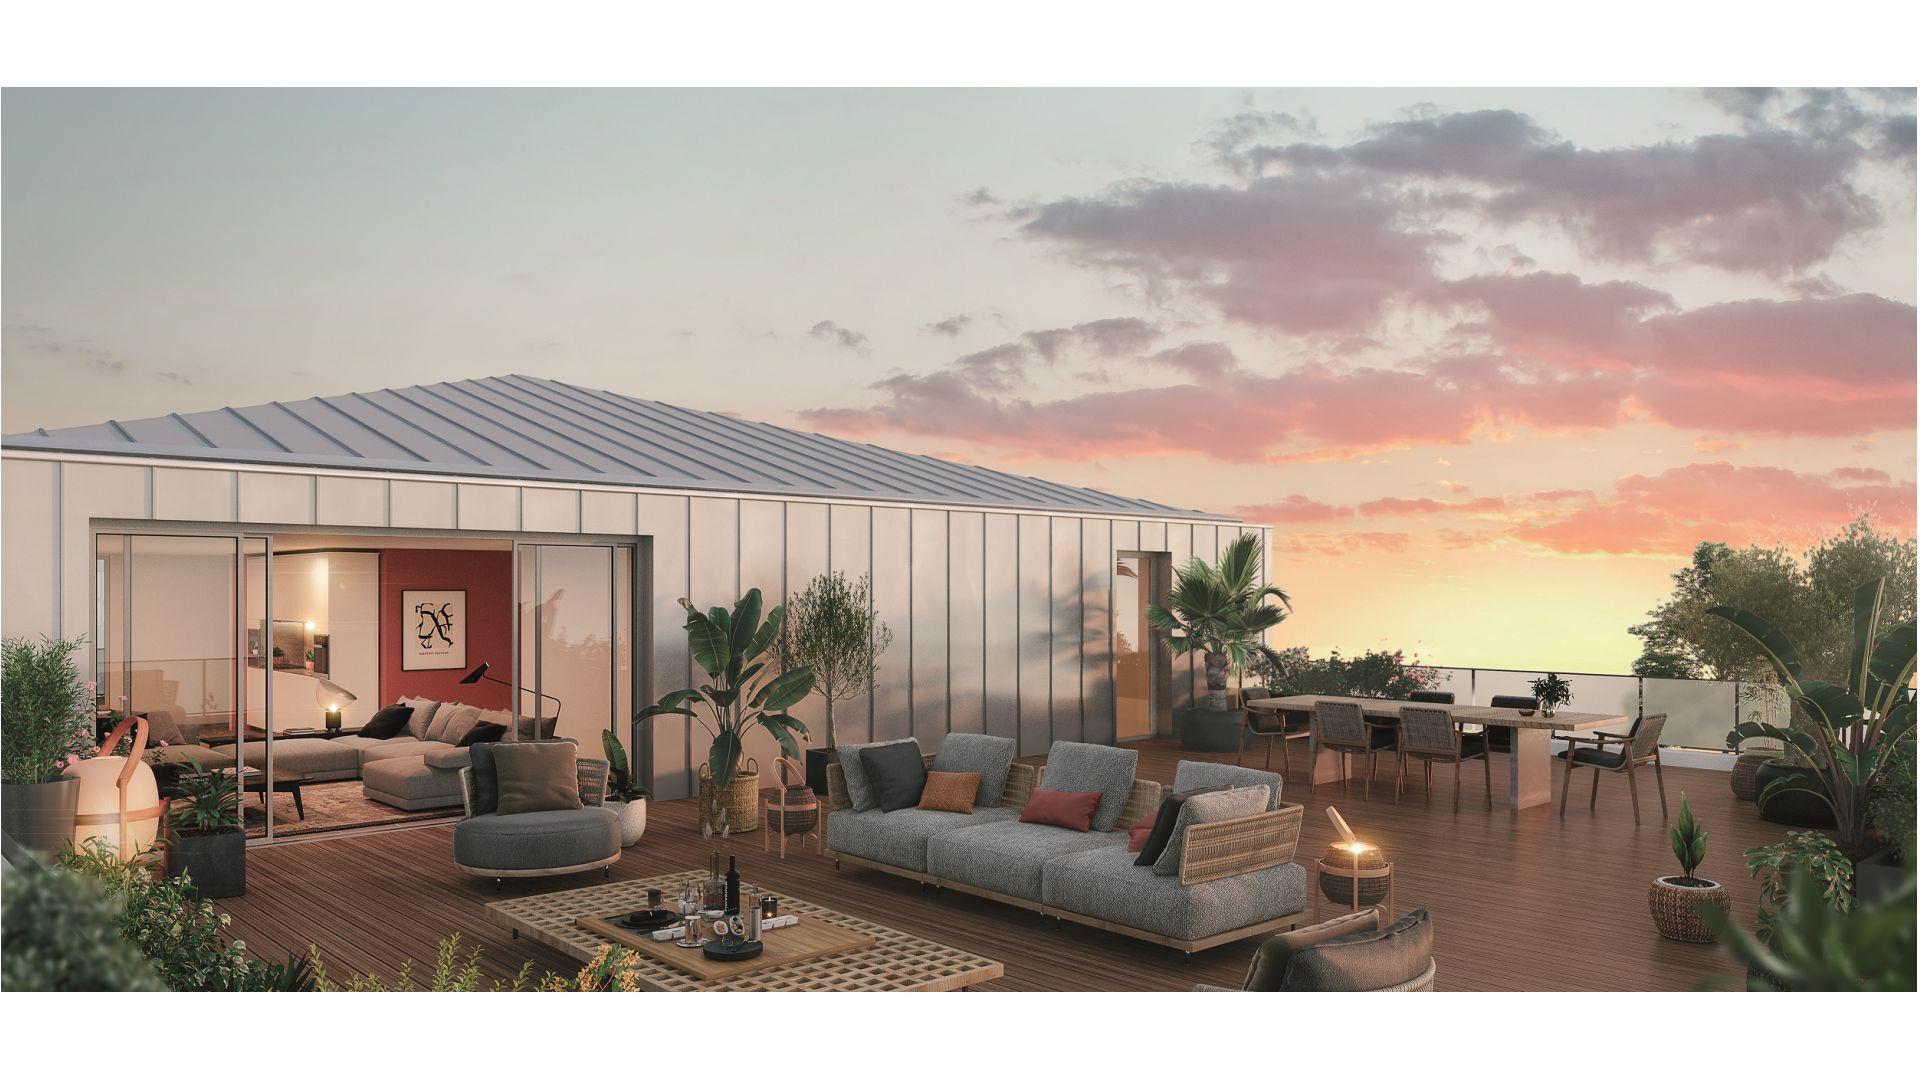 Greencity Immobilier - Résidence Parc du Vallon - 31200 Toulouse Pouvourville - a vendre appartements du T2 au T5 - vue terrasse